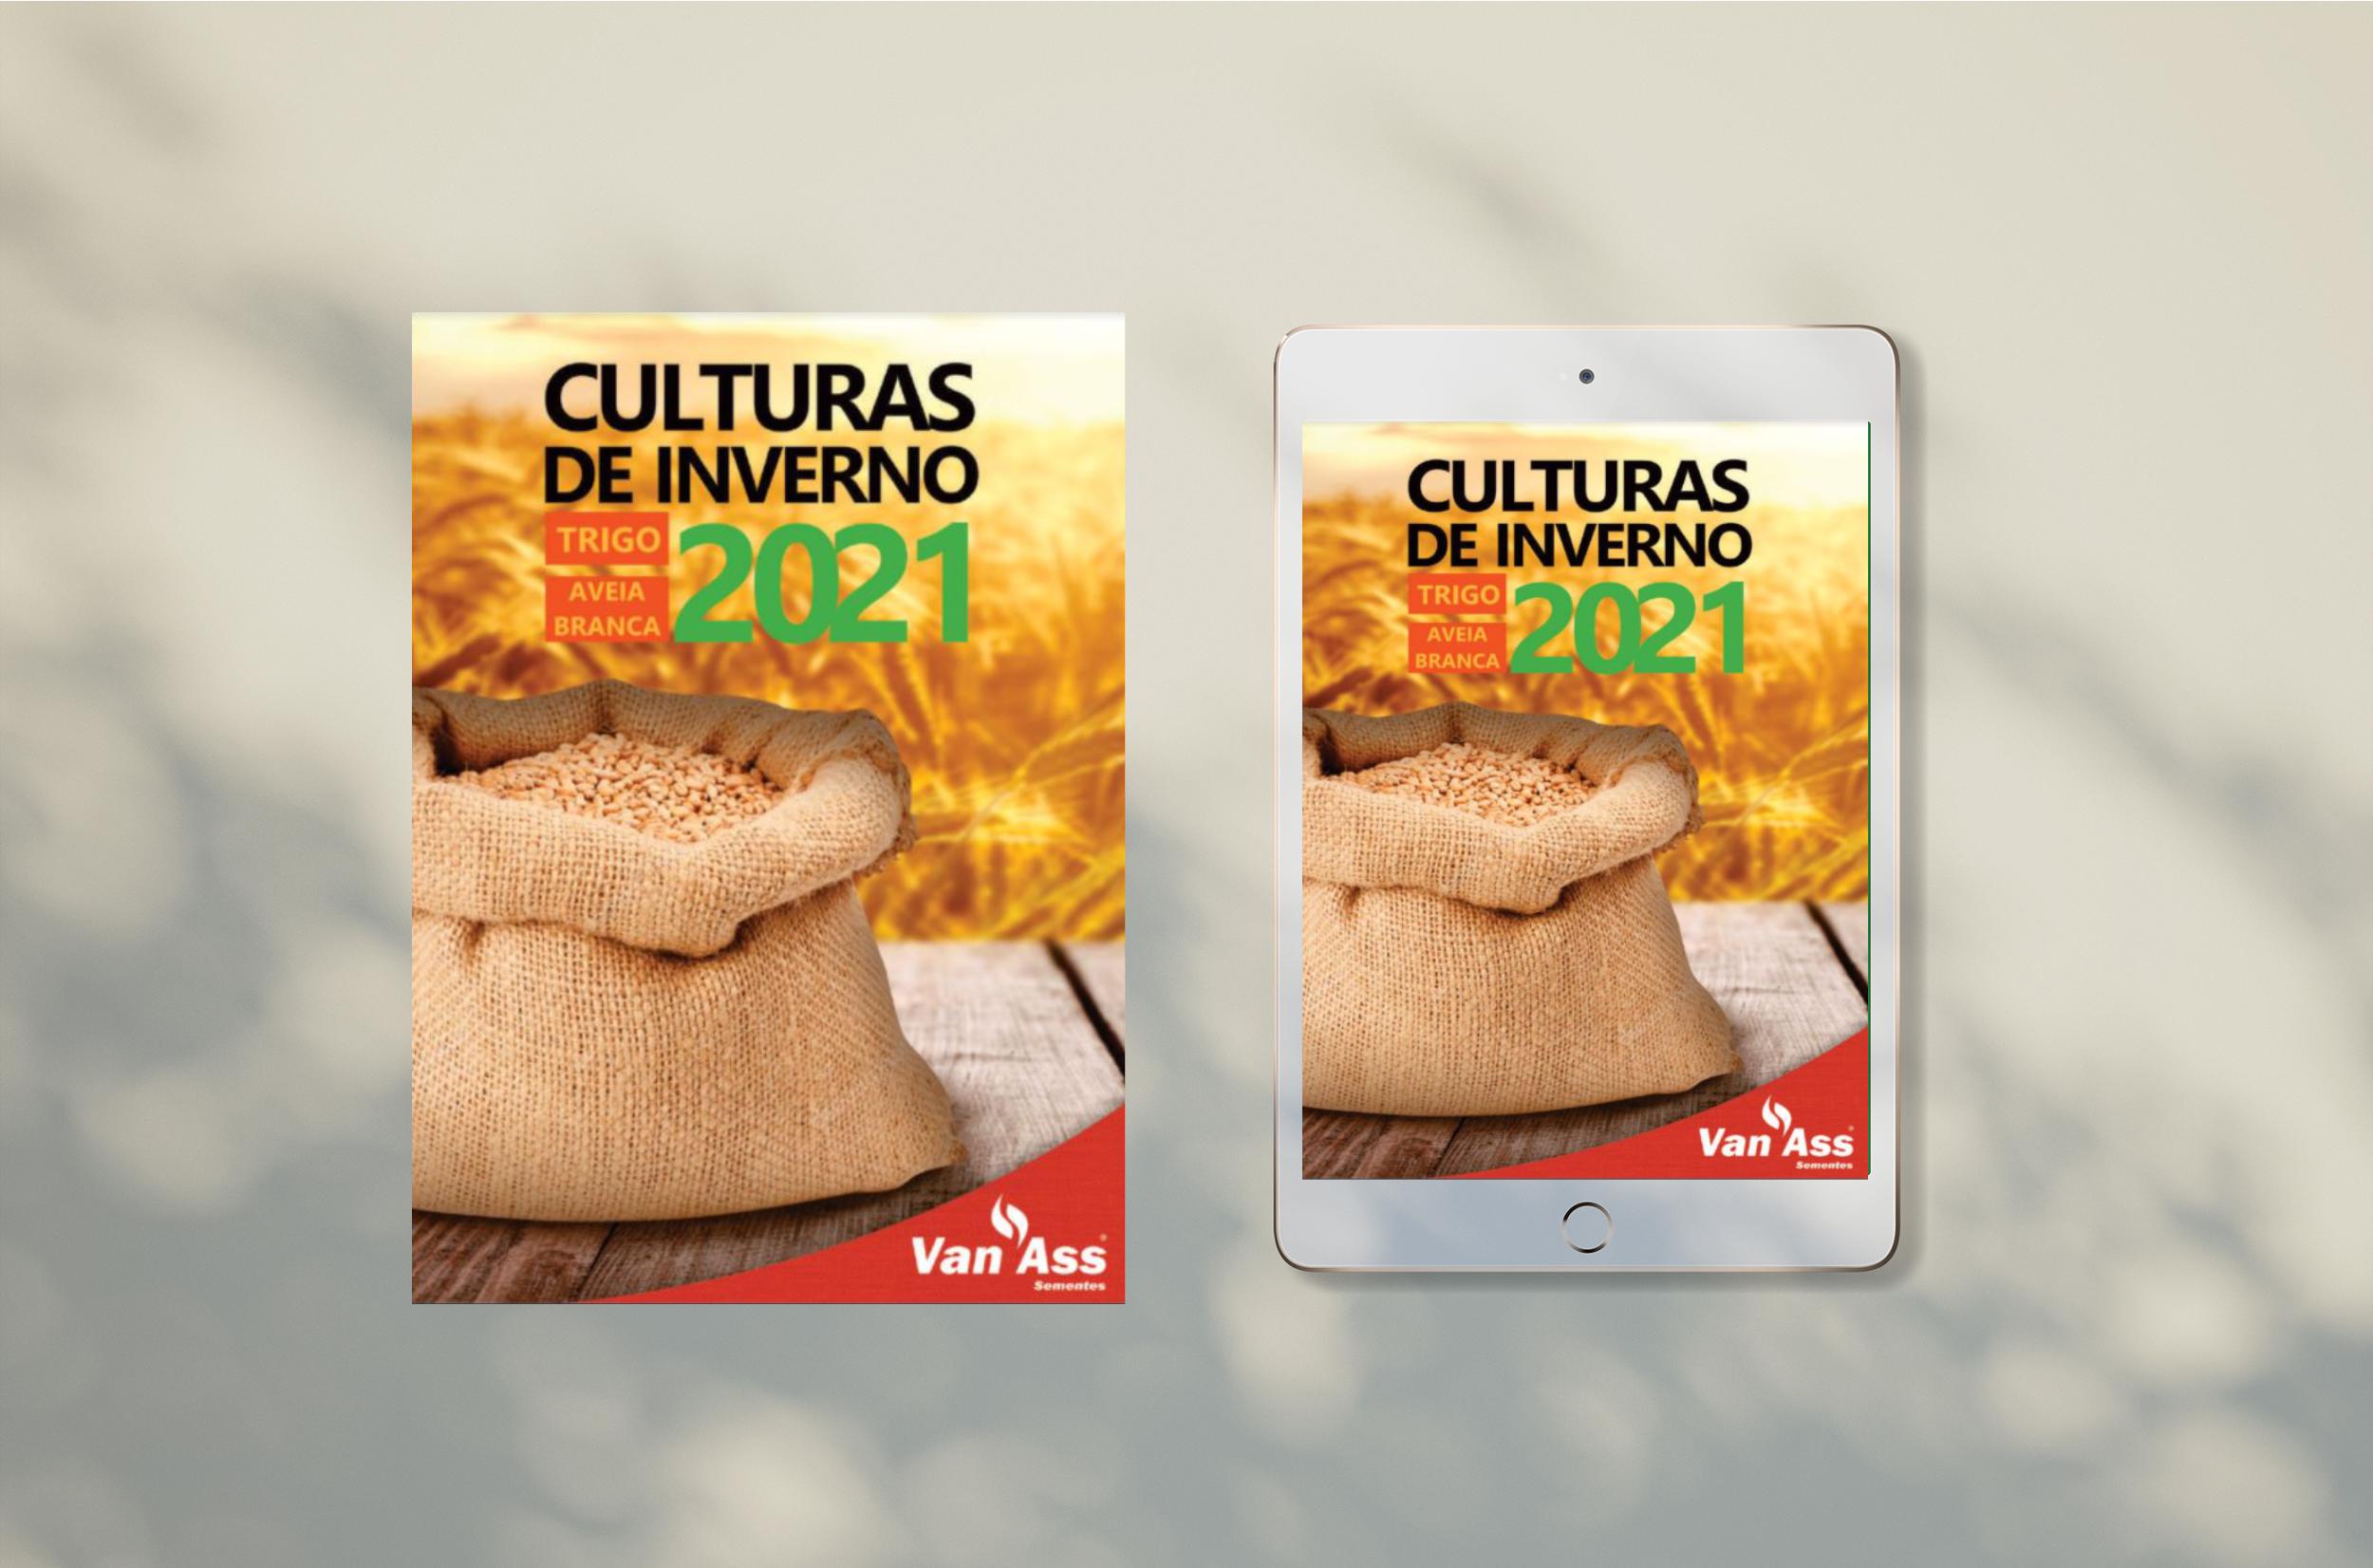 Novo catálogo 2021 de trigo está disponível